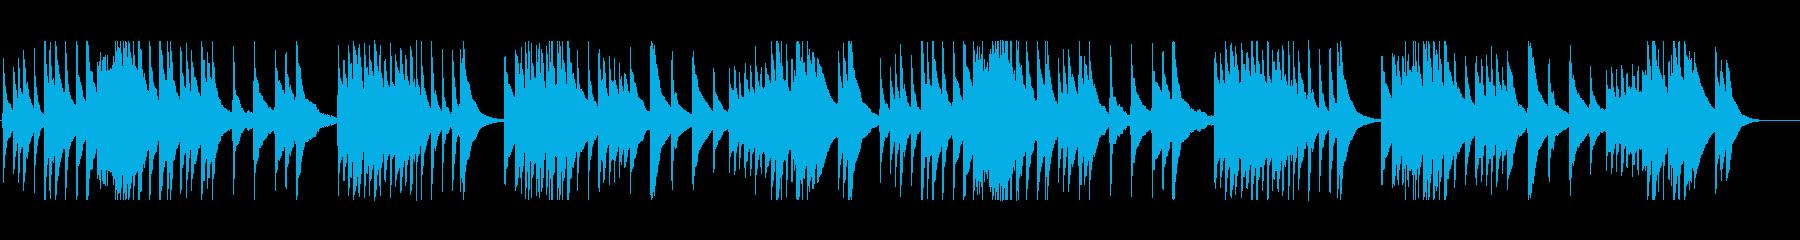 高級日本料亭を感じる、趣ある琴の再生済みの波形